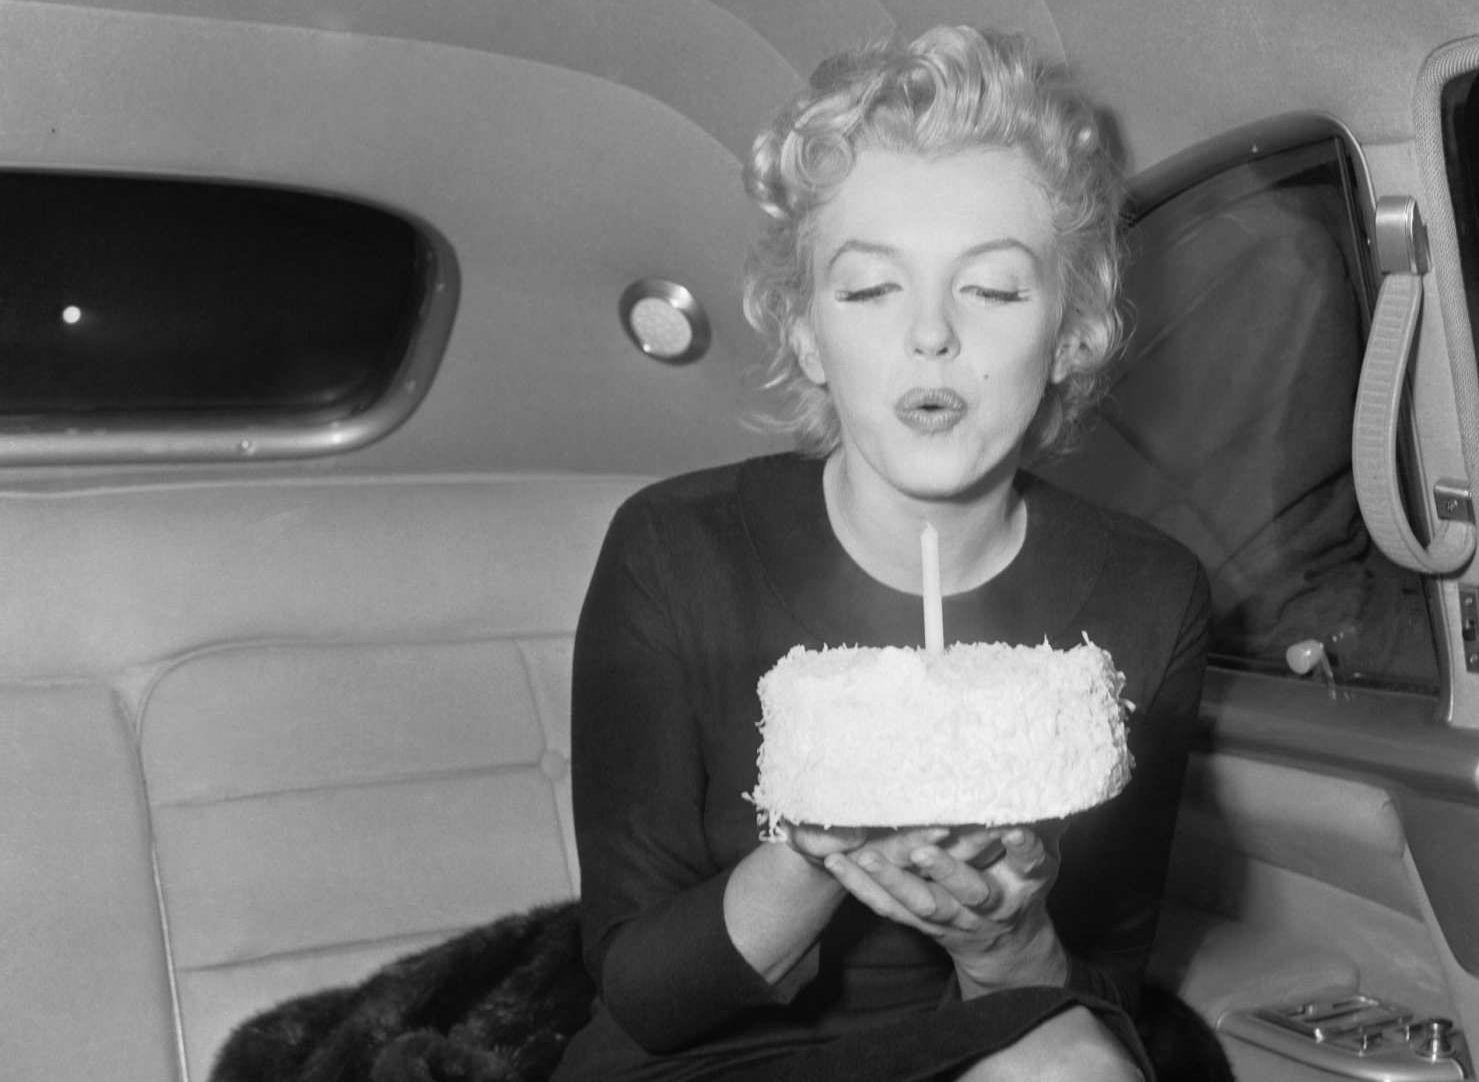 Marilyn Monroe soplando soñando: soplando una vela del pastel de cumpleaños.